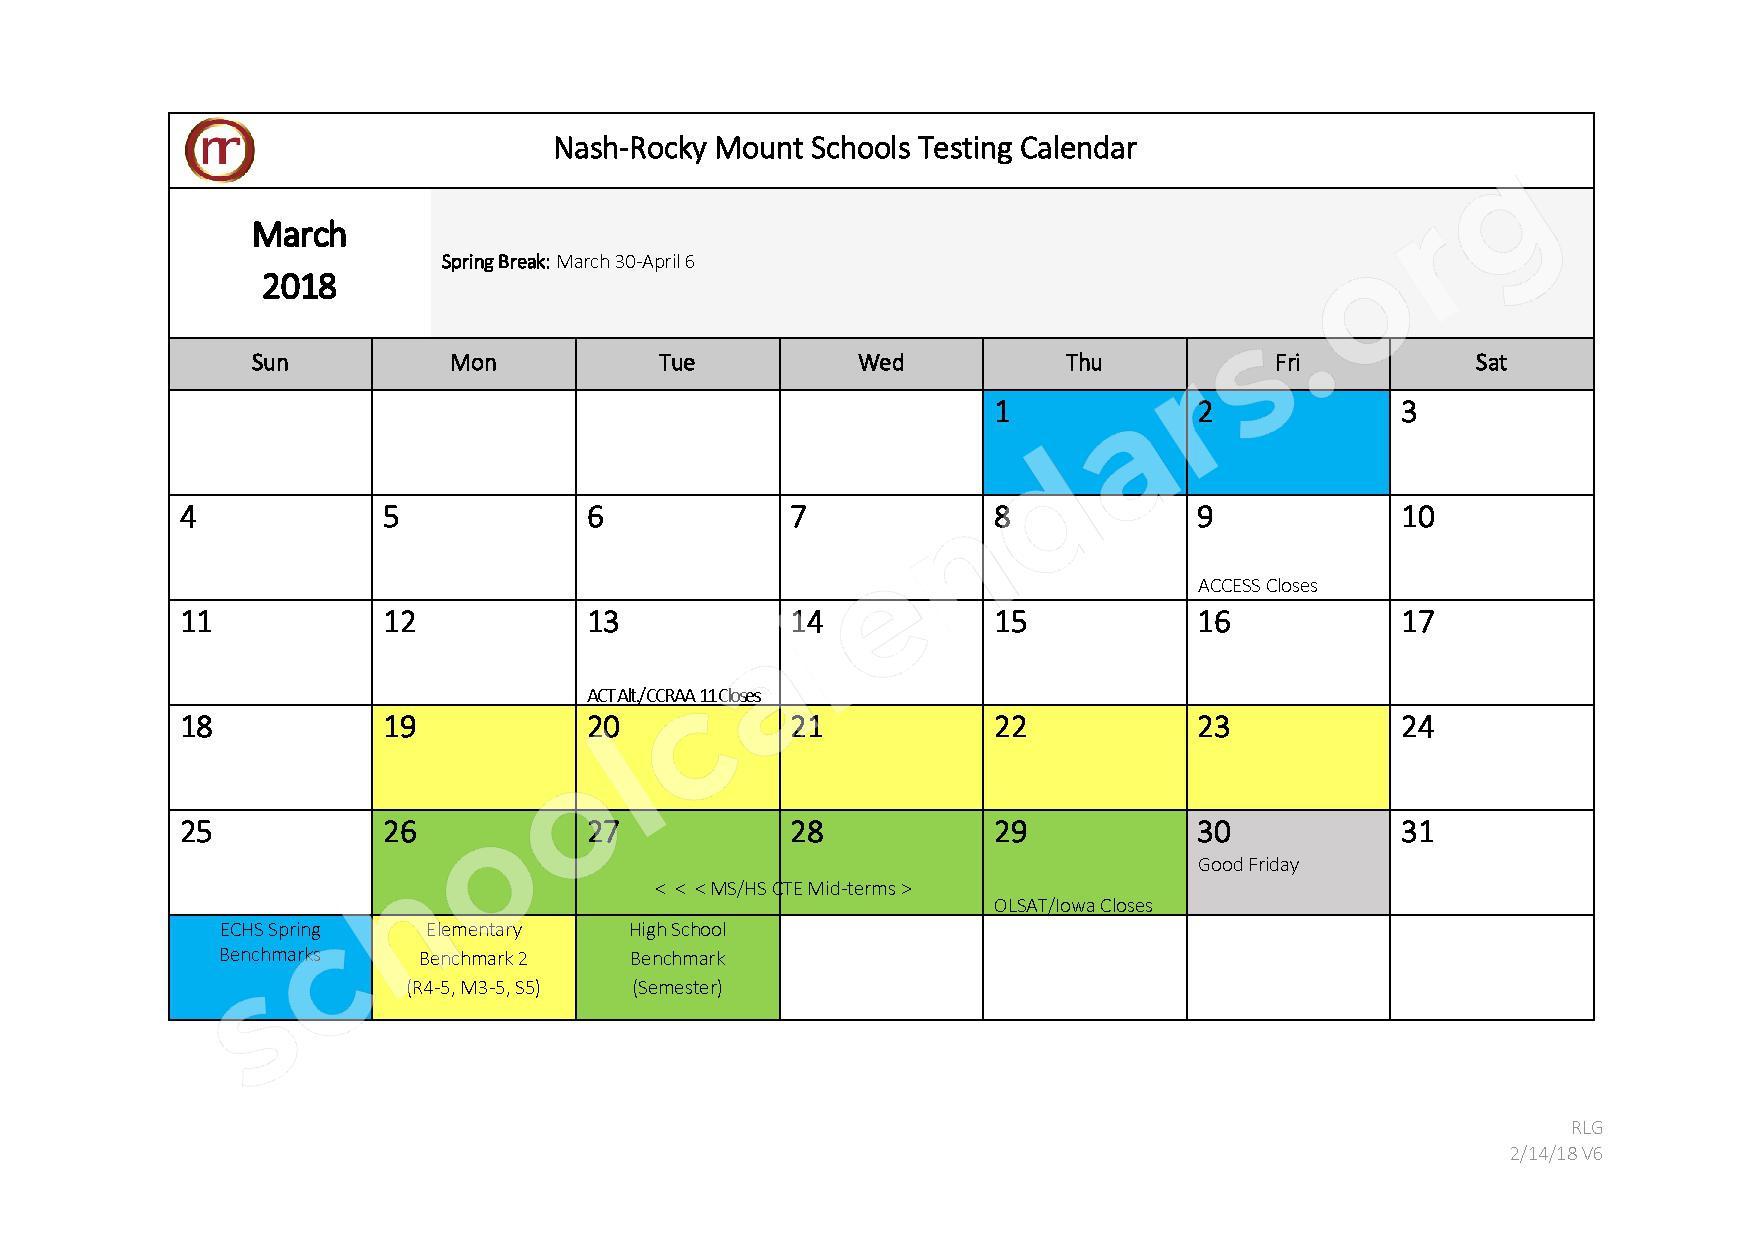 2017 - 2018 Testing Calendar – Nash-Rocky Mount Public Schools – page 8